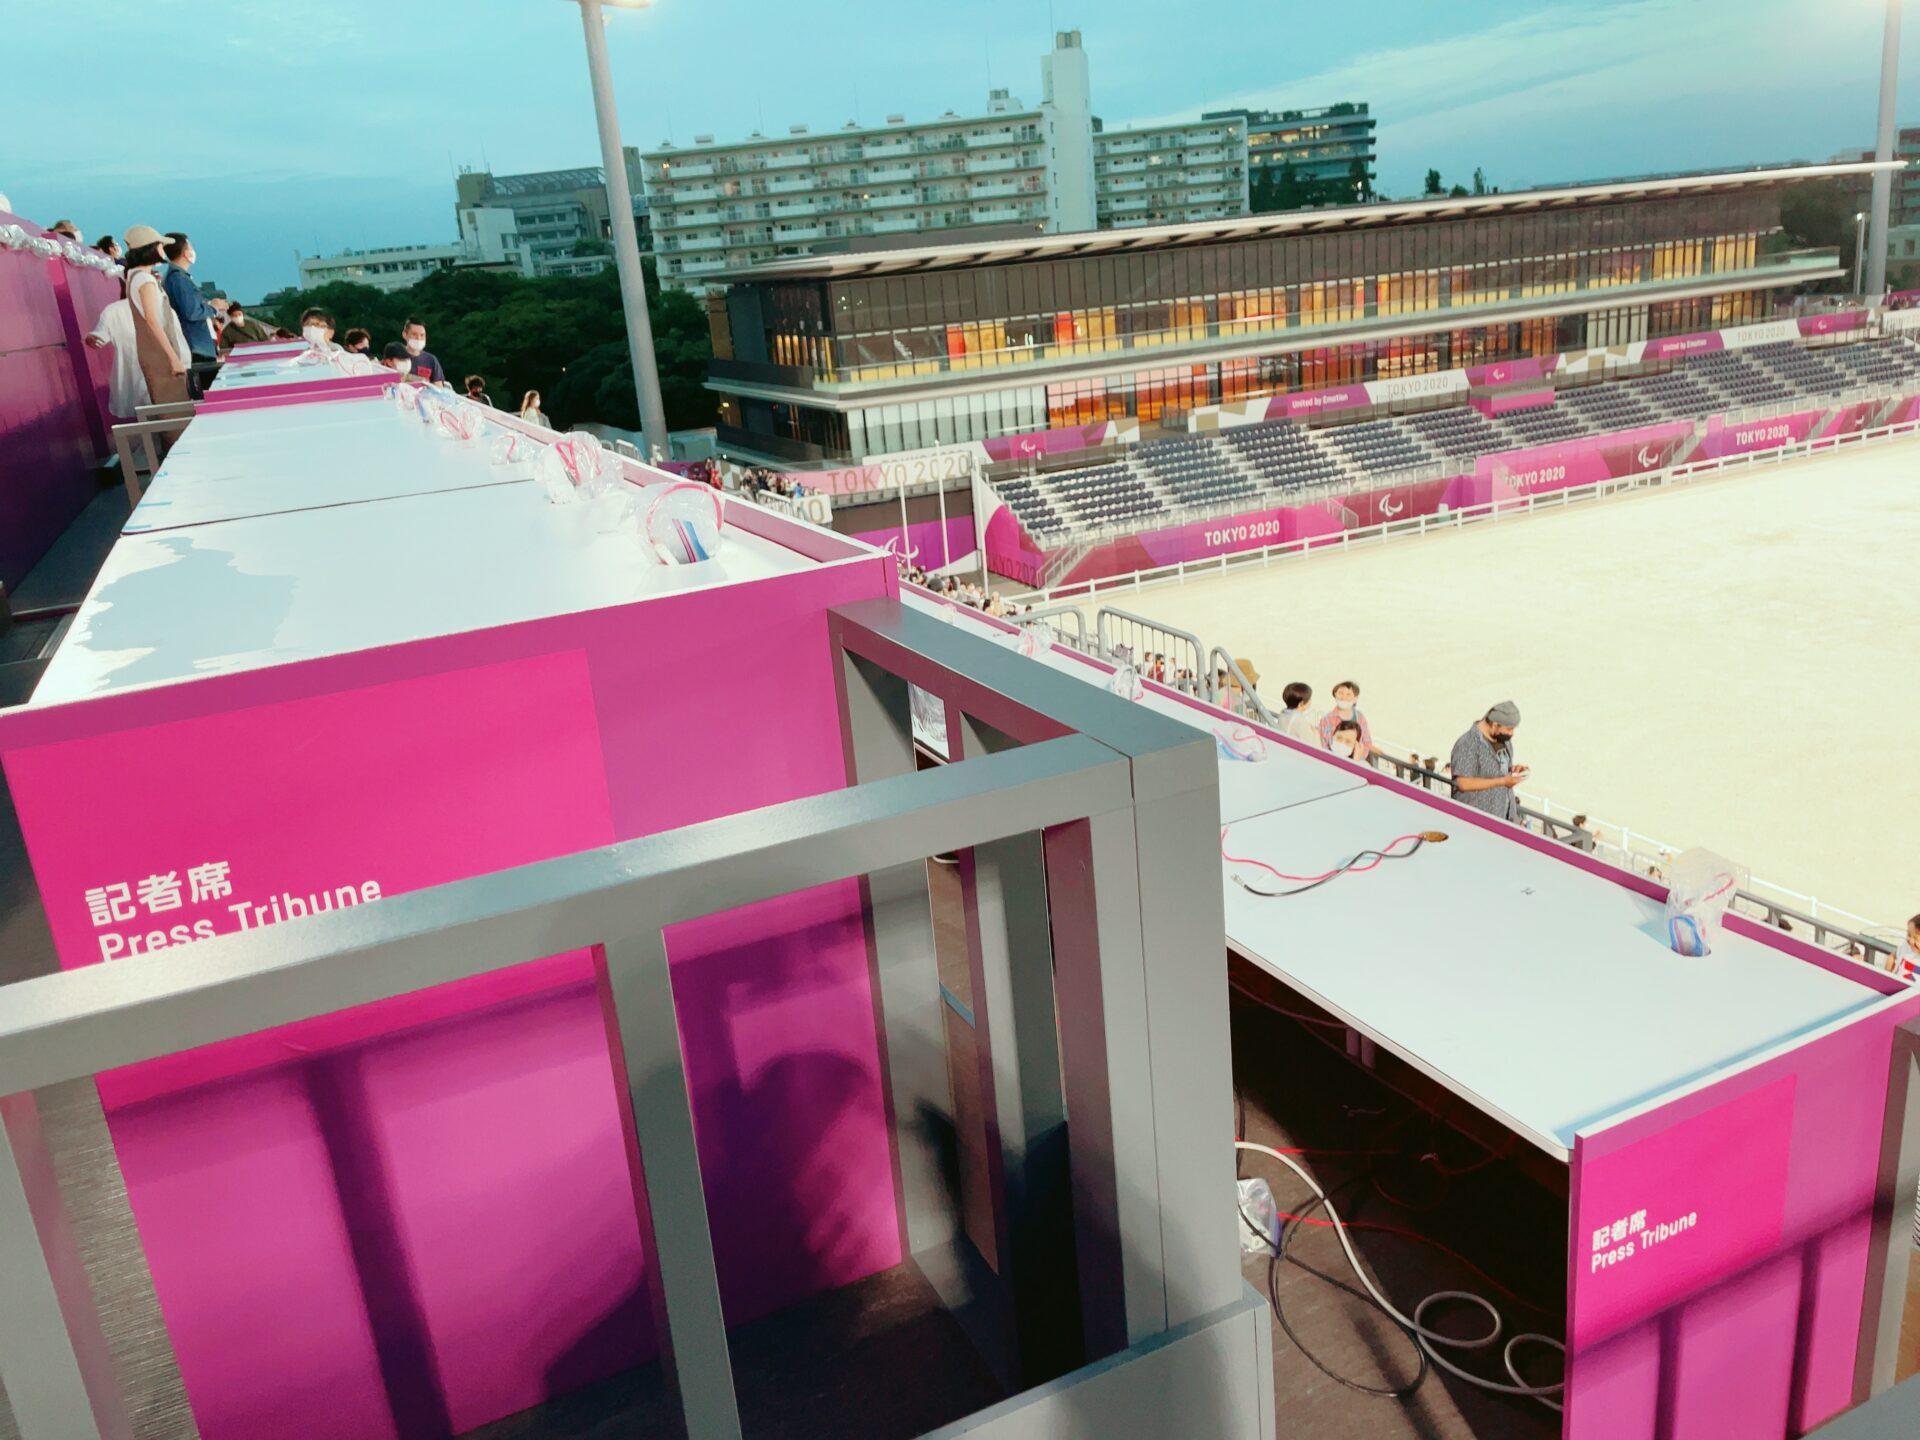 馬事公苑の東京オリンピック馬術競技の記者席